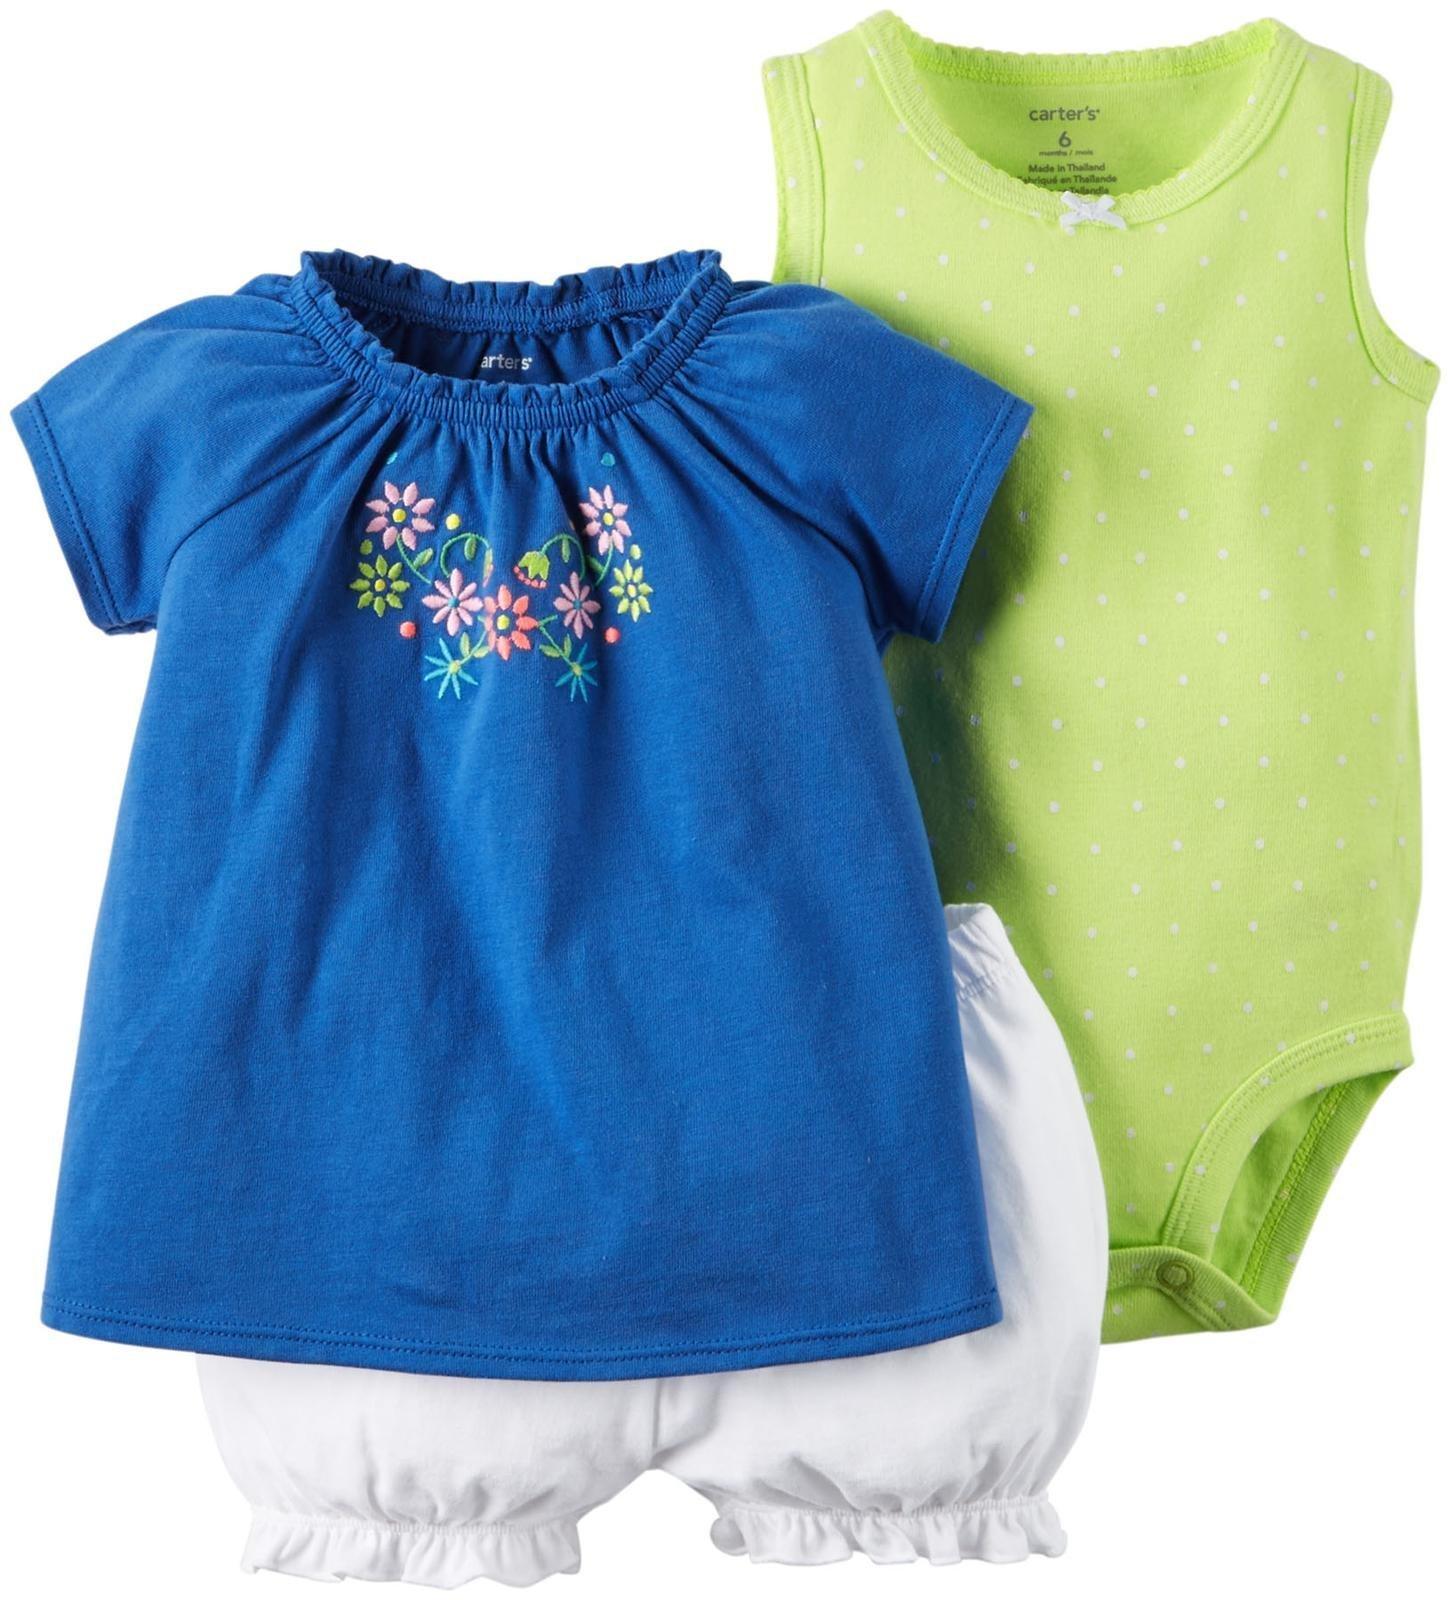 Carter's Baby Girl Diaper Cover Set Blue Multi